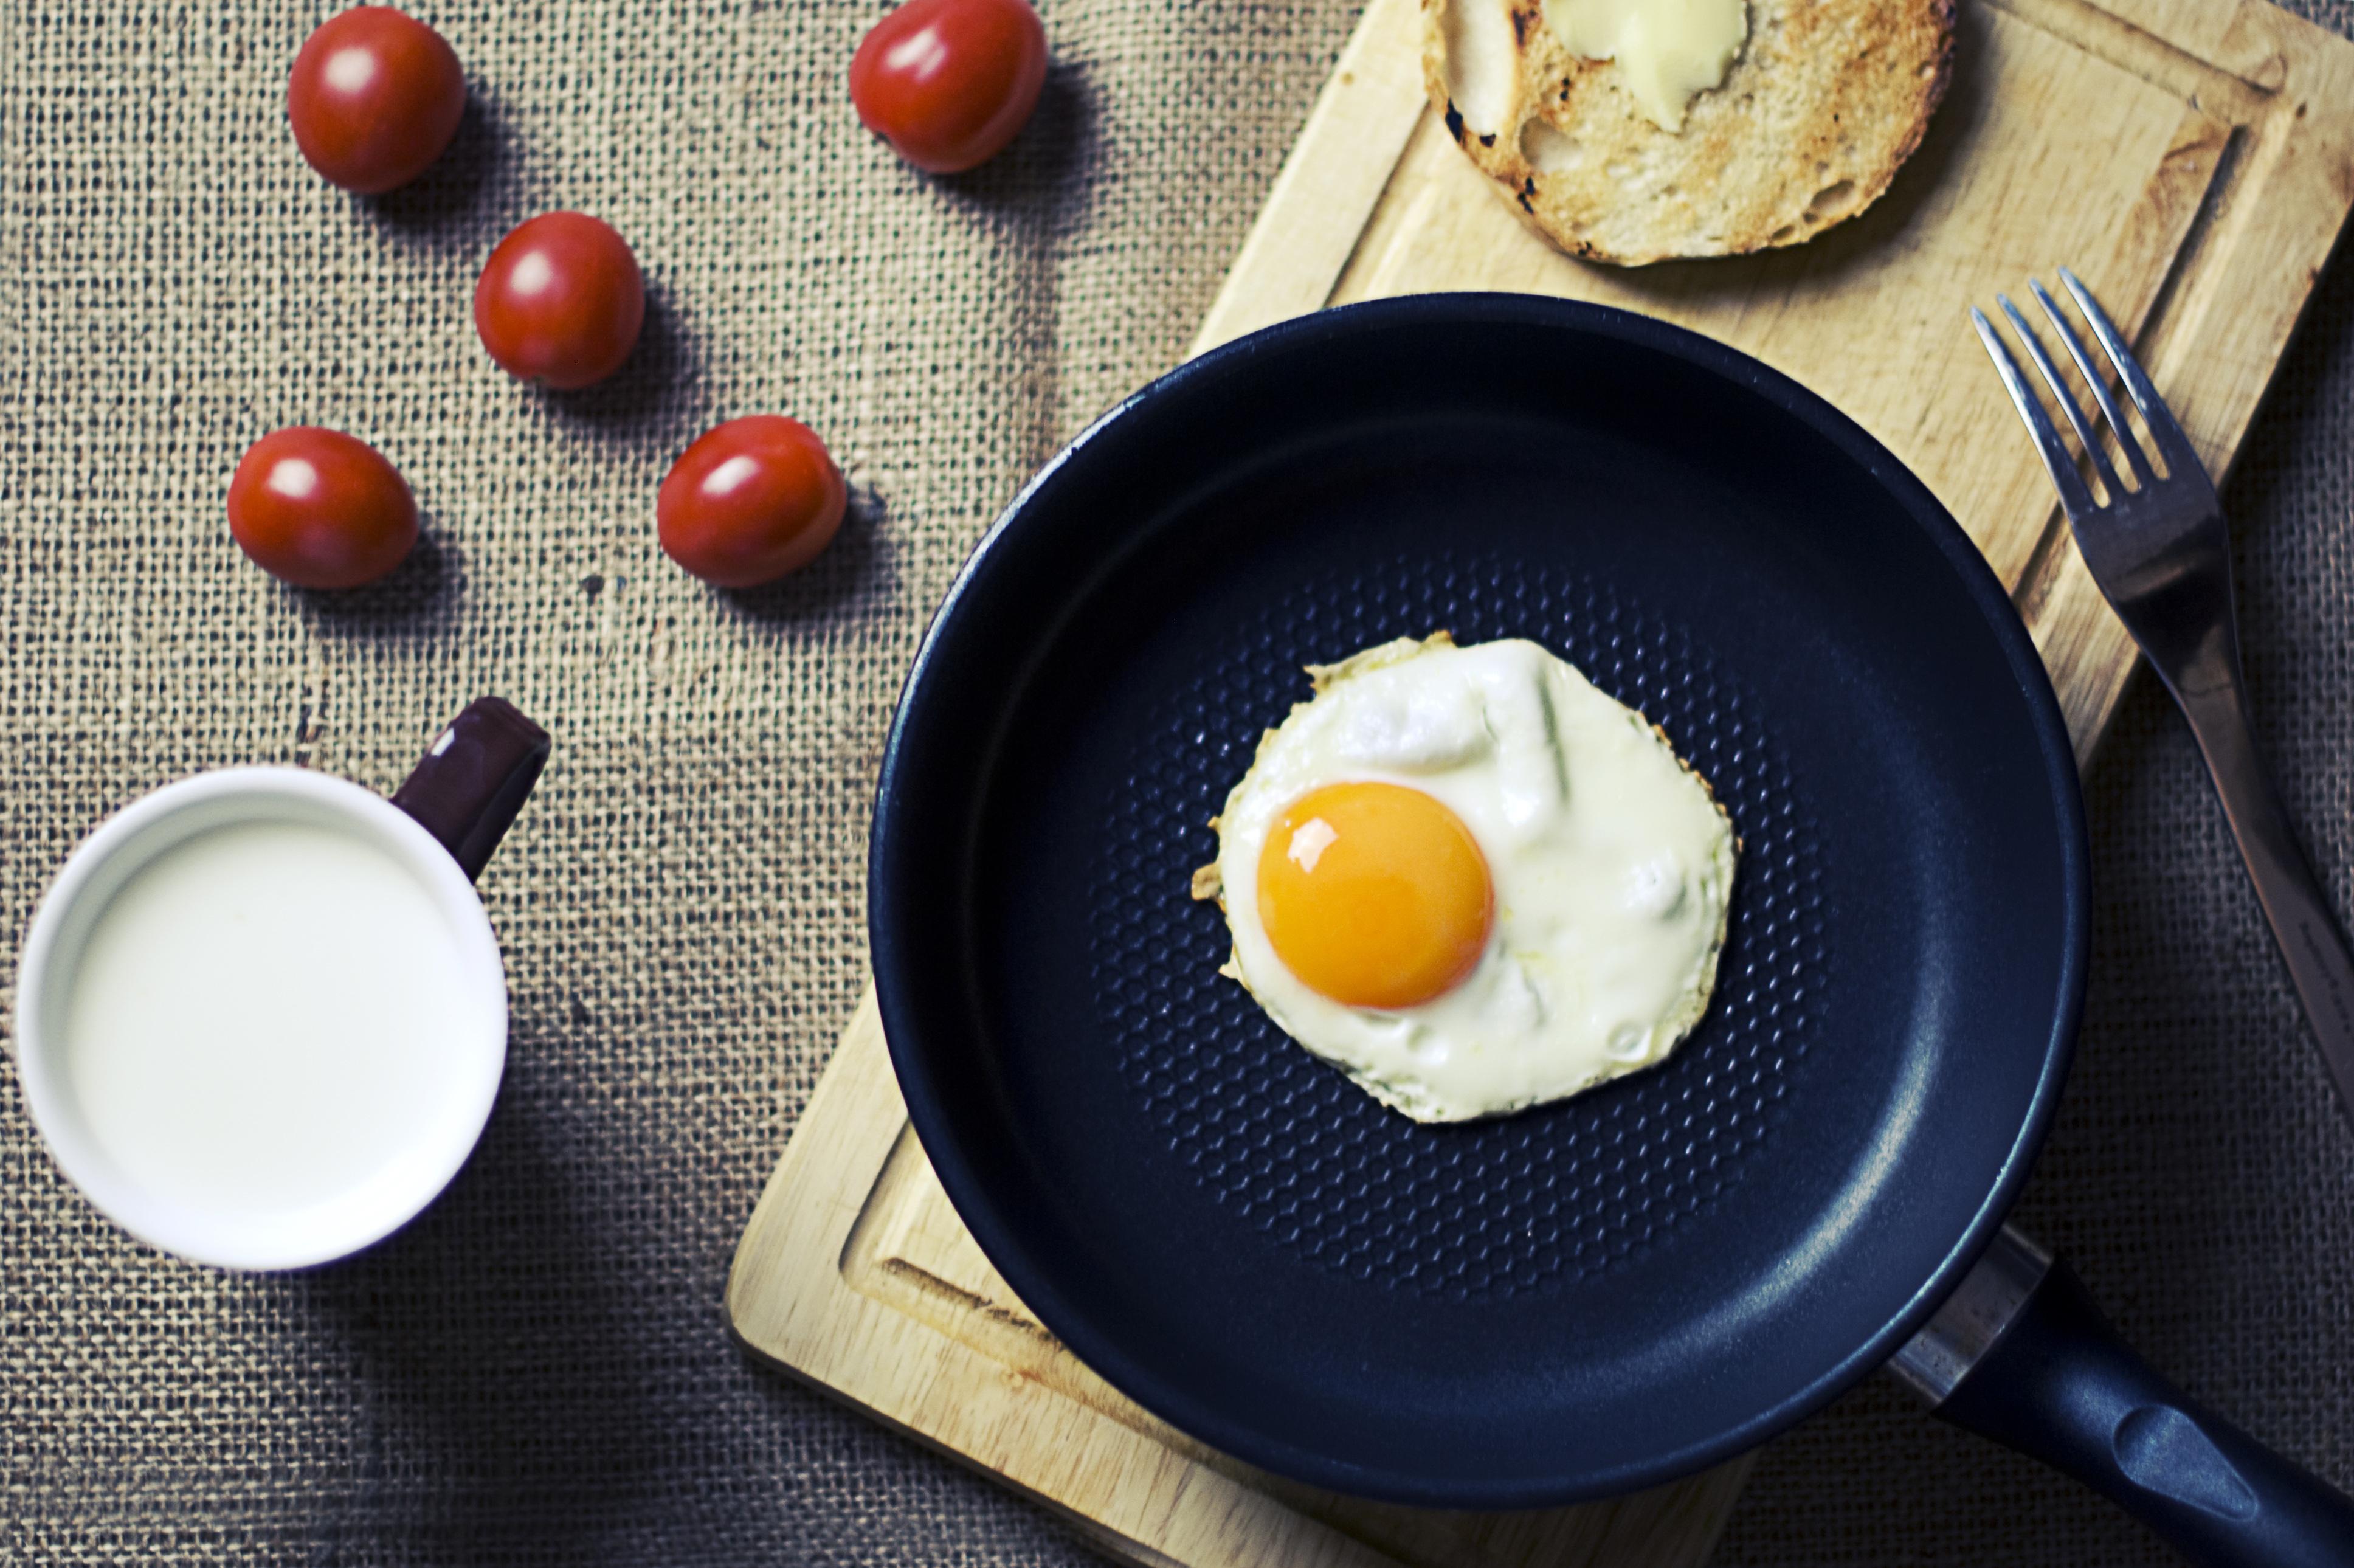 diéta alatt lehet tojást enni)